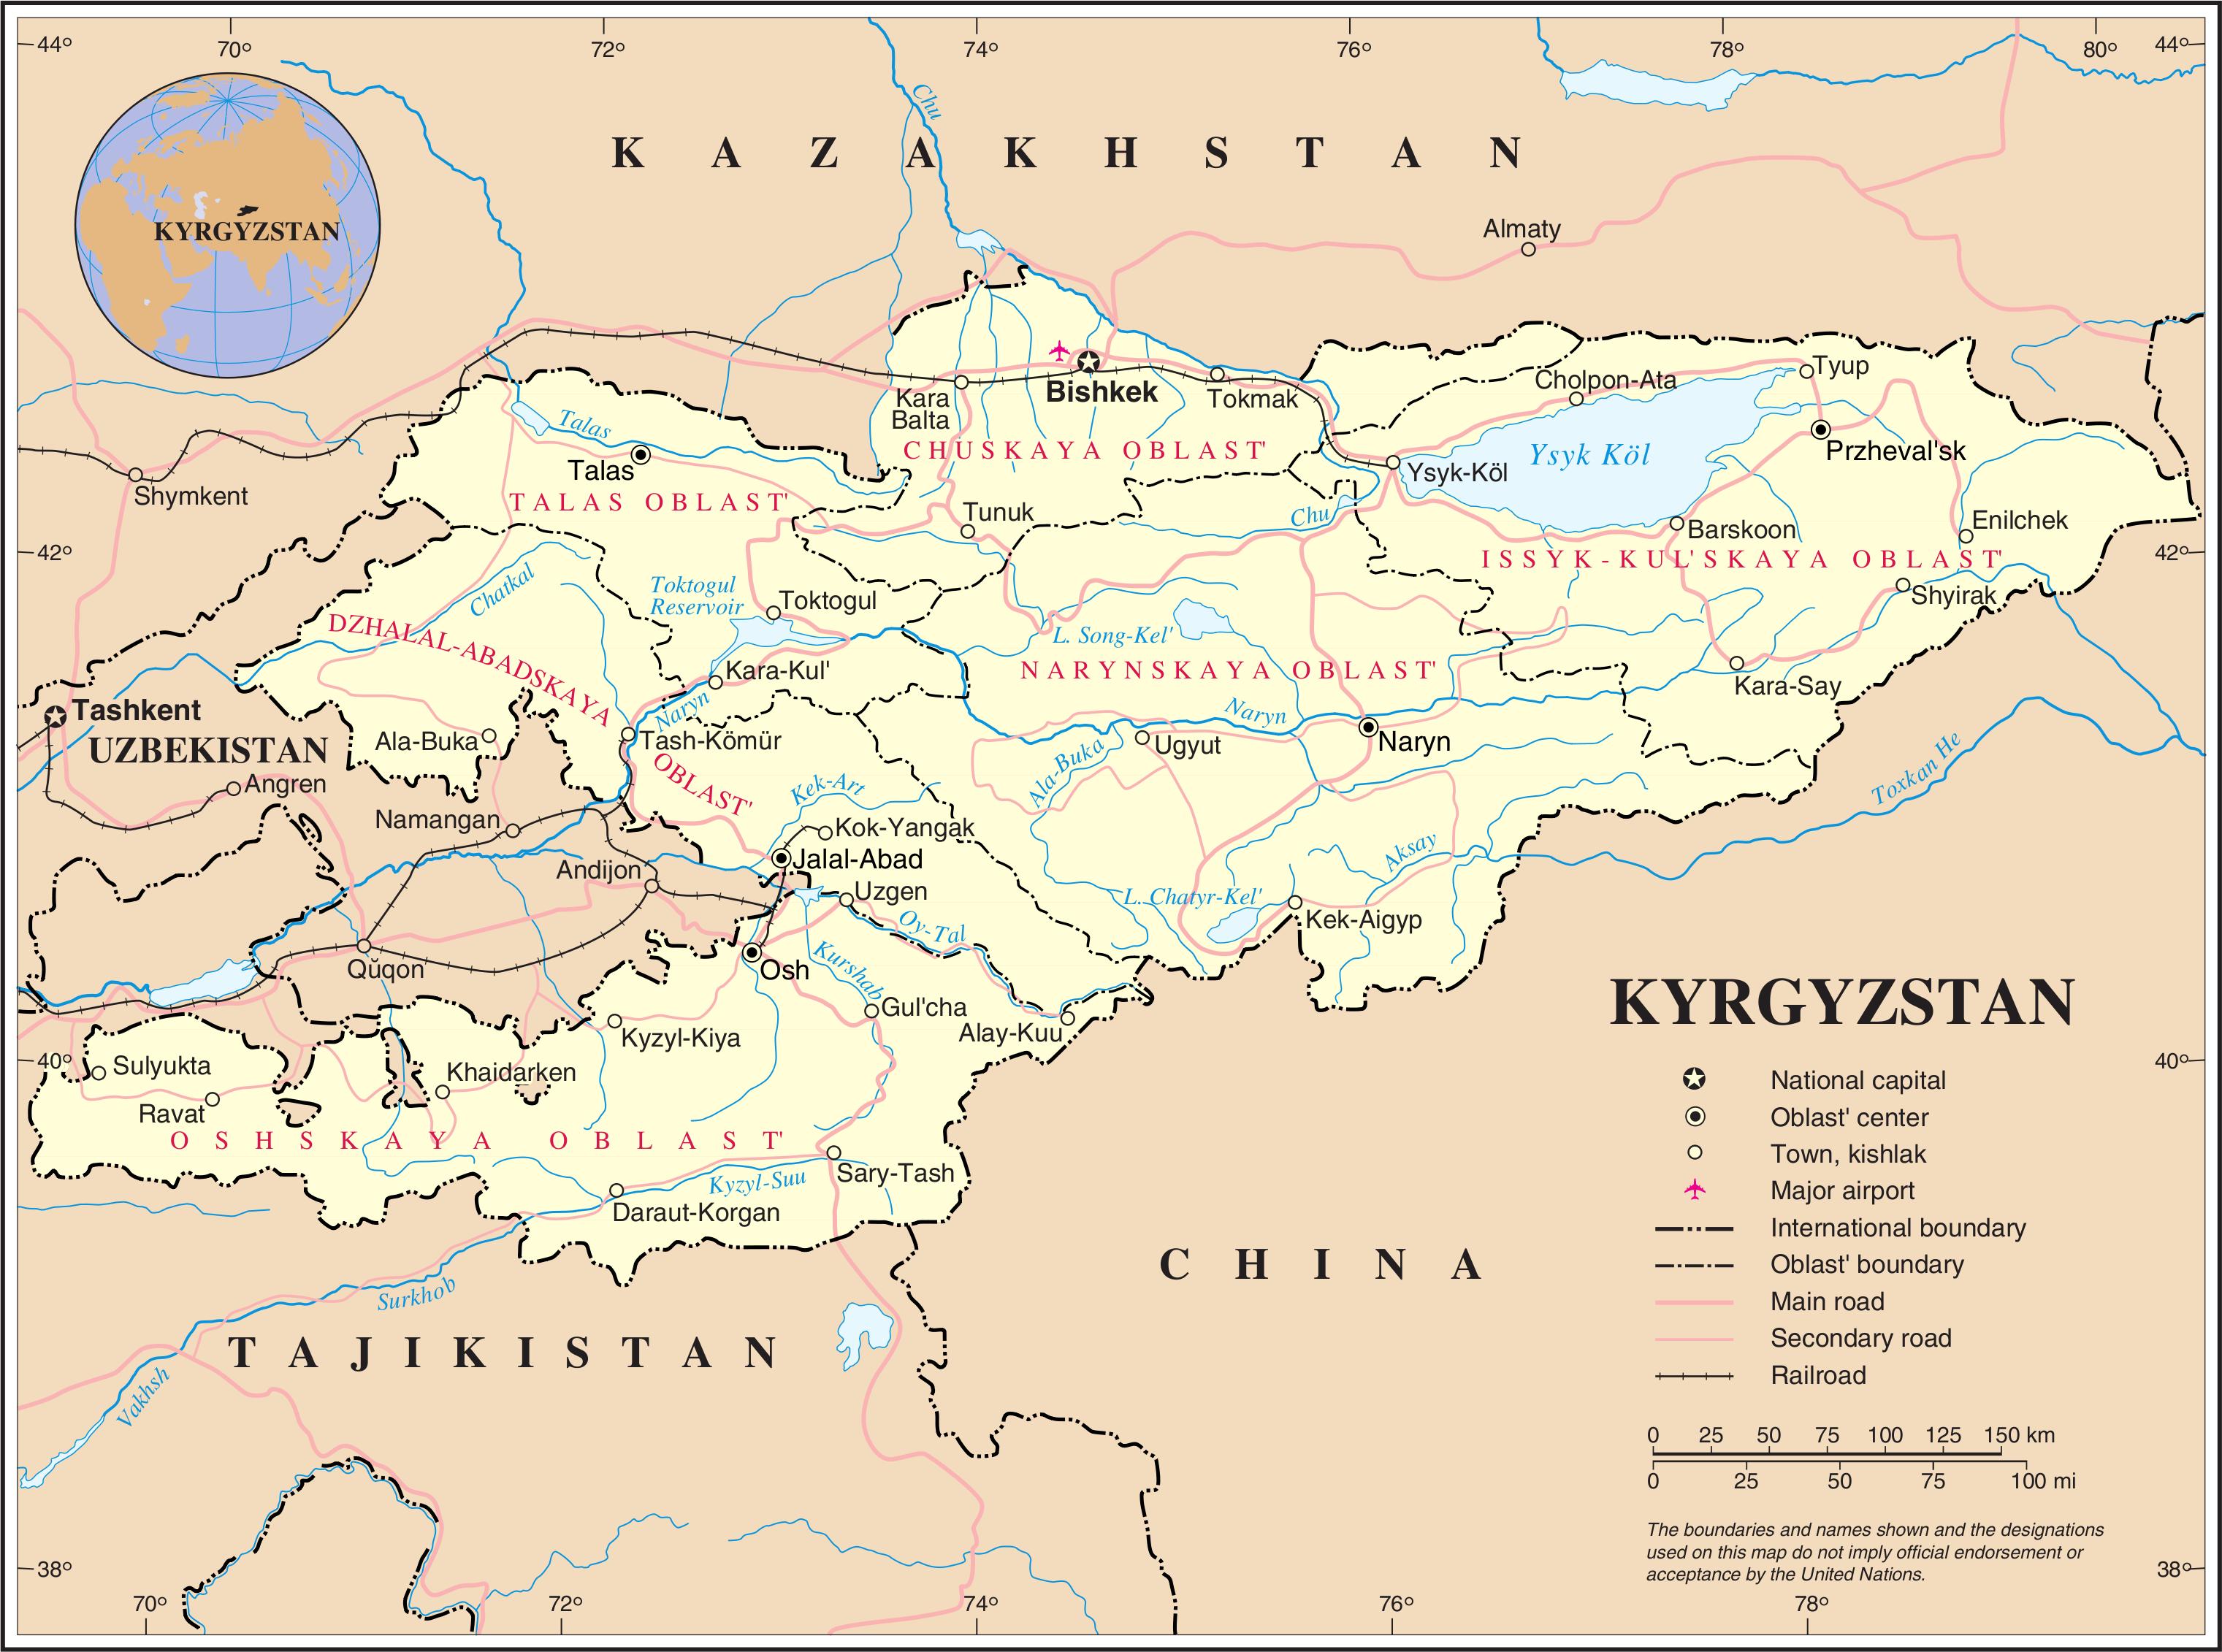 Un-kyrgyzstan